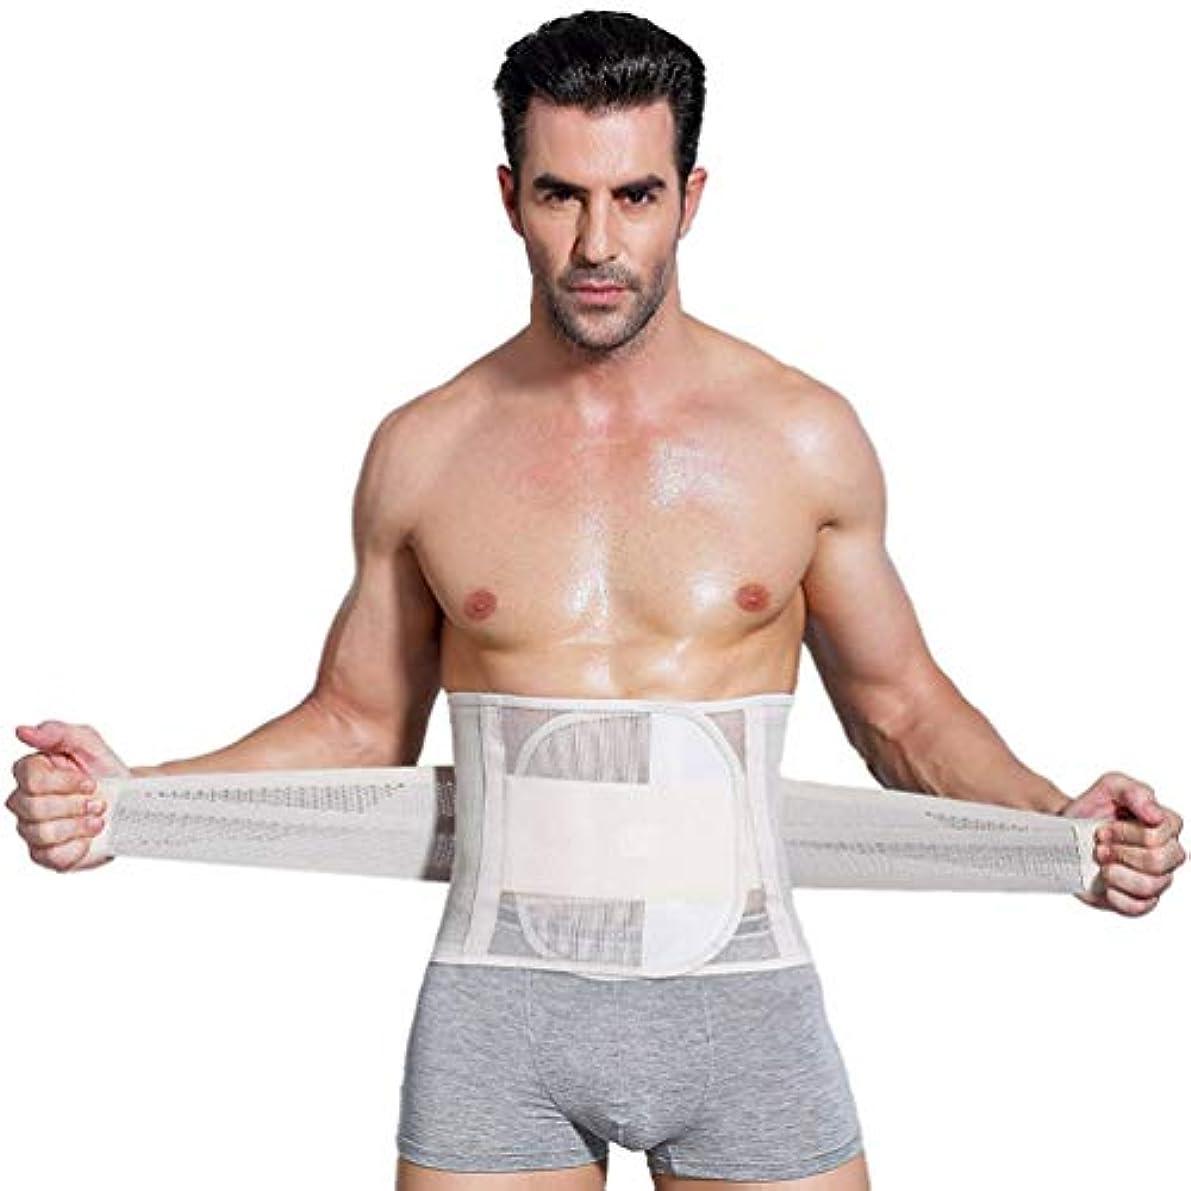 悲観主義者セットする消毒する男性ボディシェイパーコルセット腹部おなかコントロールウエストトレーナーニッパー脂肪燃焼ガードル痩身腹ベルト用男性 - 肌色M